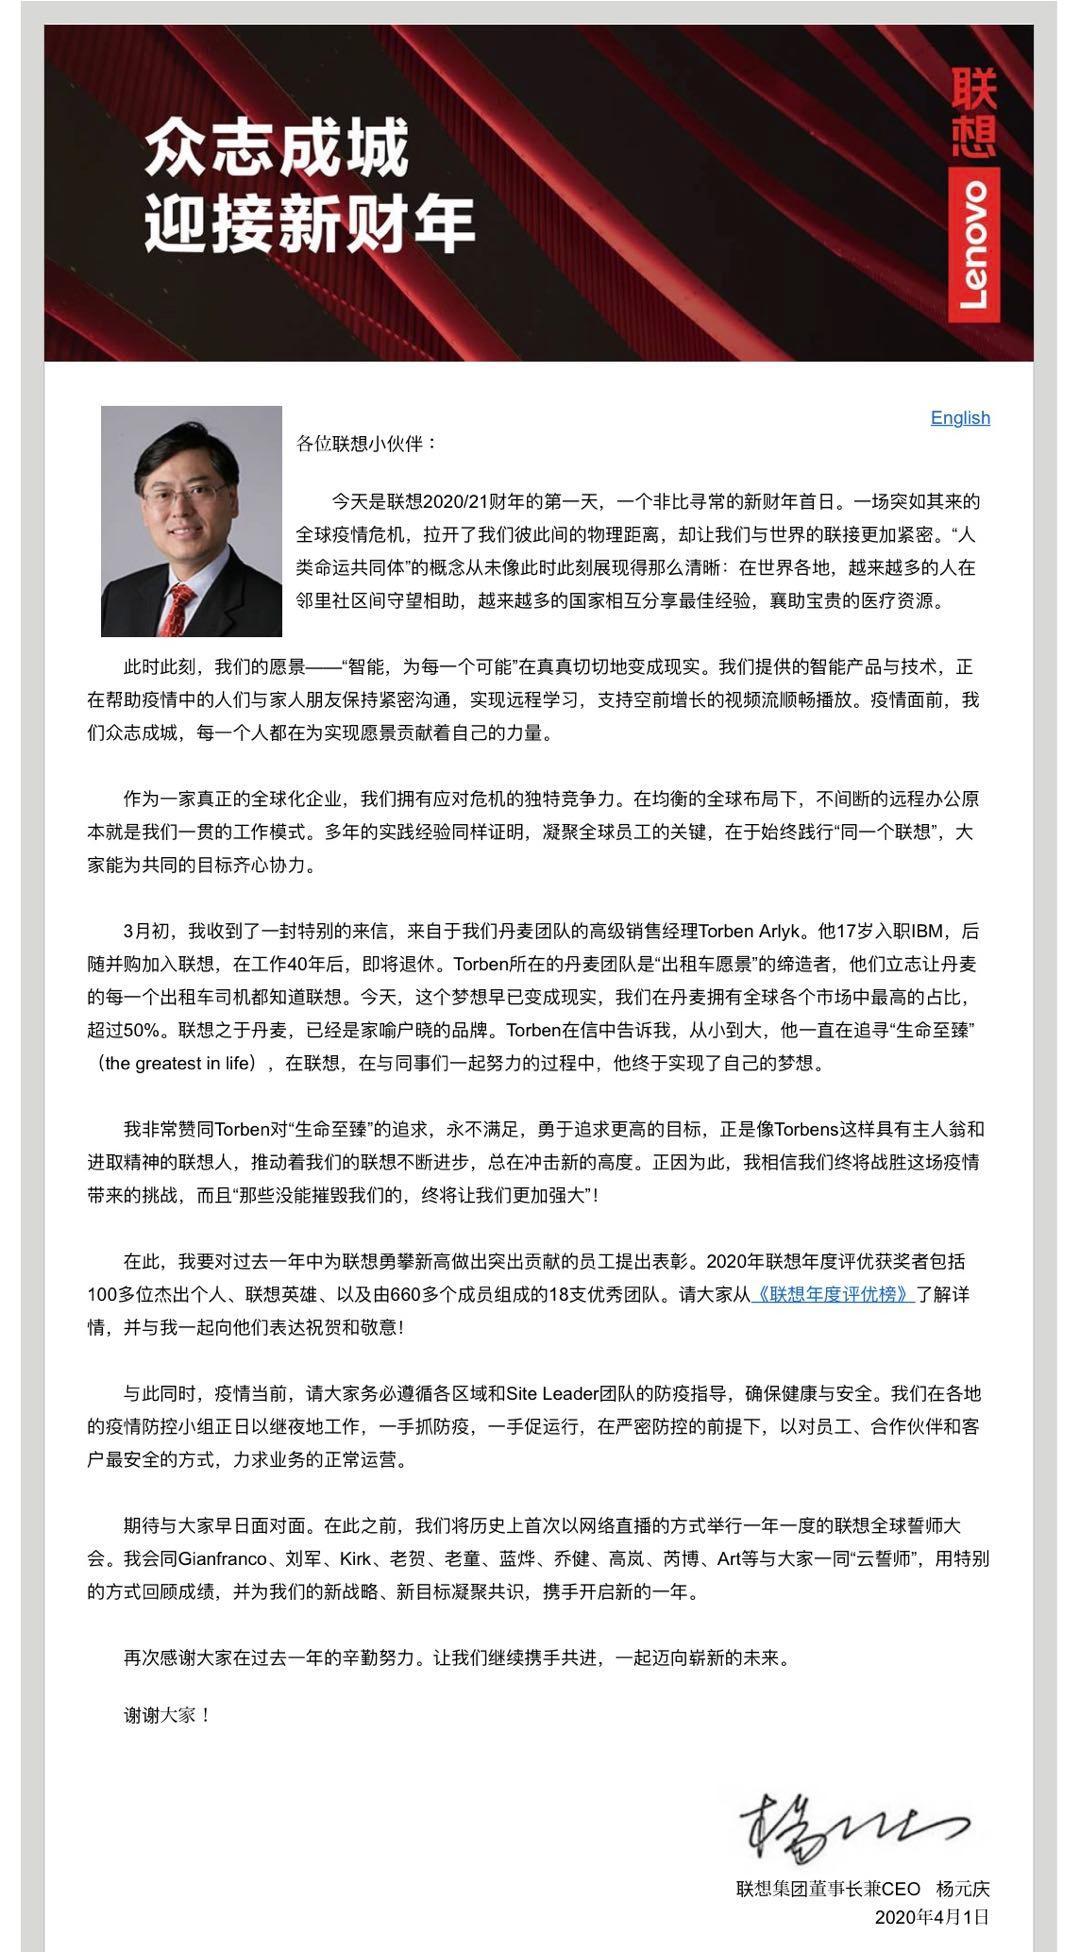 一手抓防疫一手促运行!联想集团杨元庆:我们终将战胜这场疫情带来的挑战